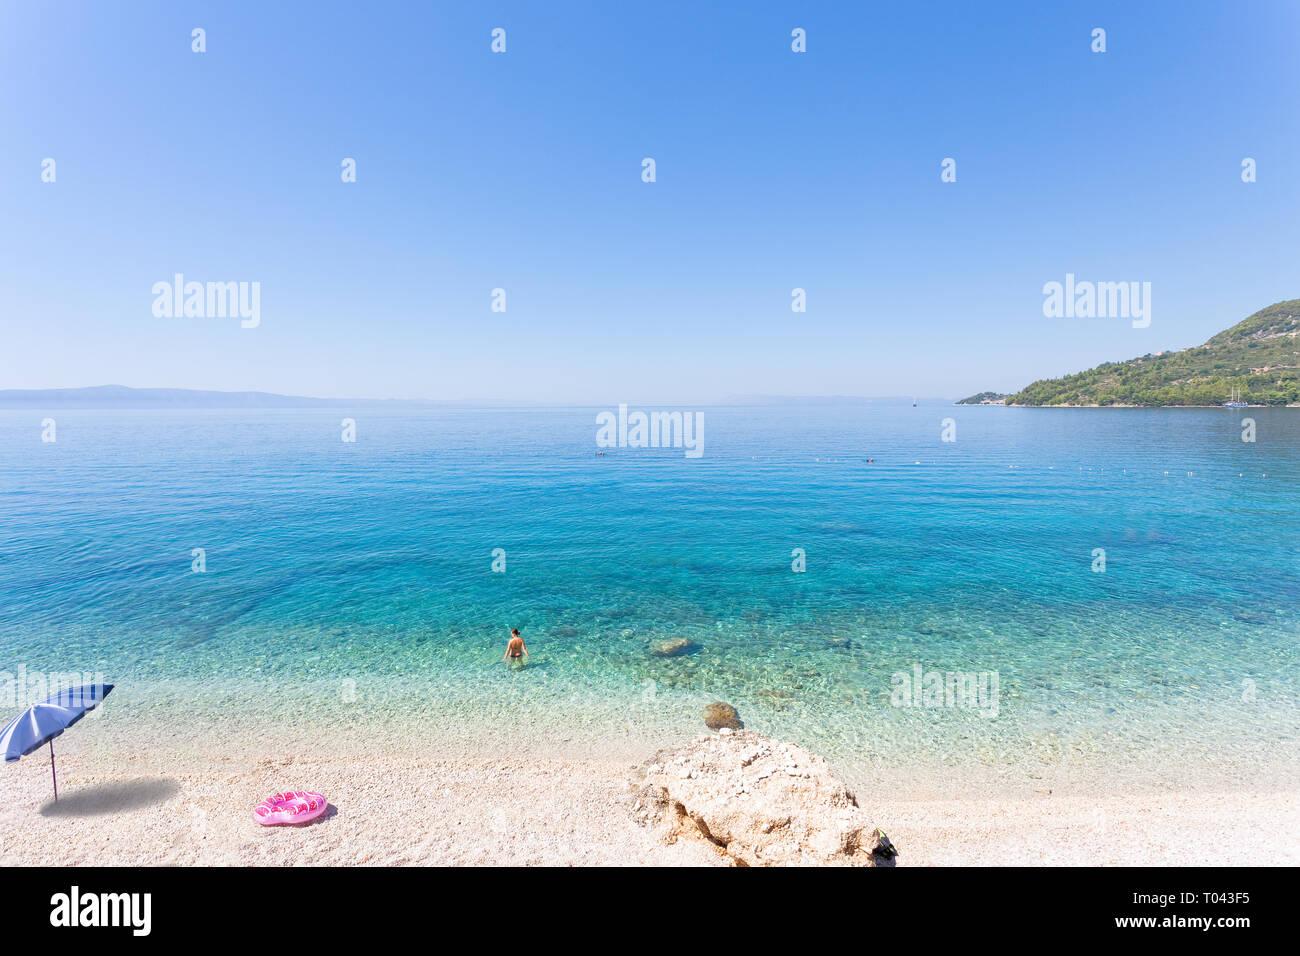 Drasnice, Dalmatien, Kroatien, Europa - Entspannen am wunderschönen Strand von Podgora Stockfoto